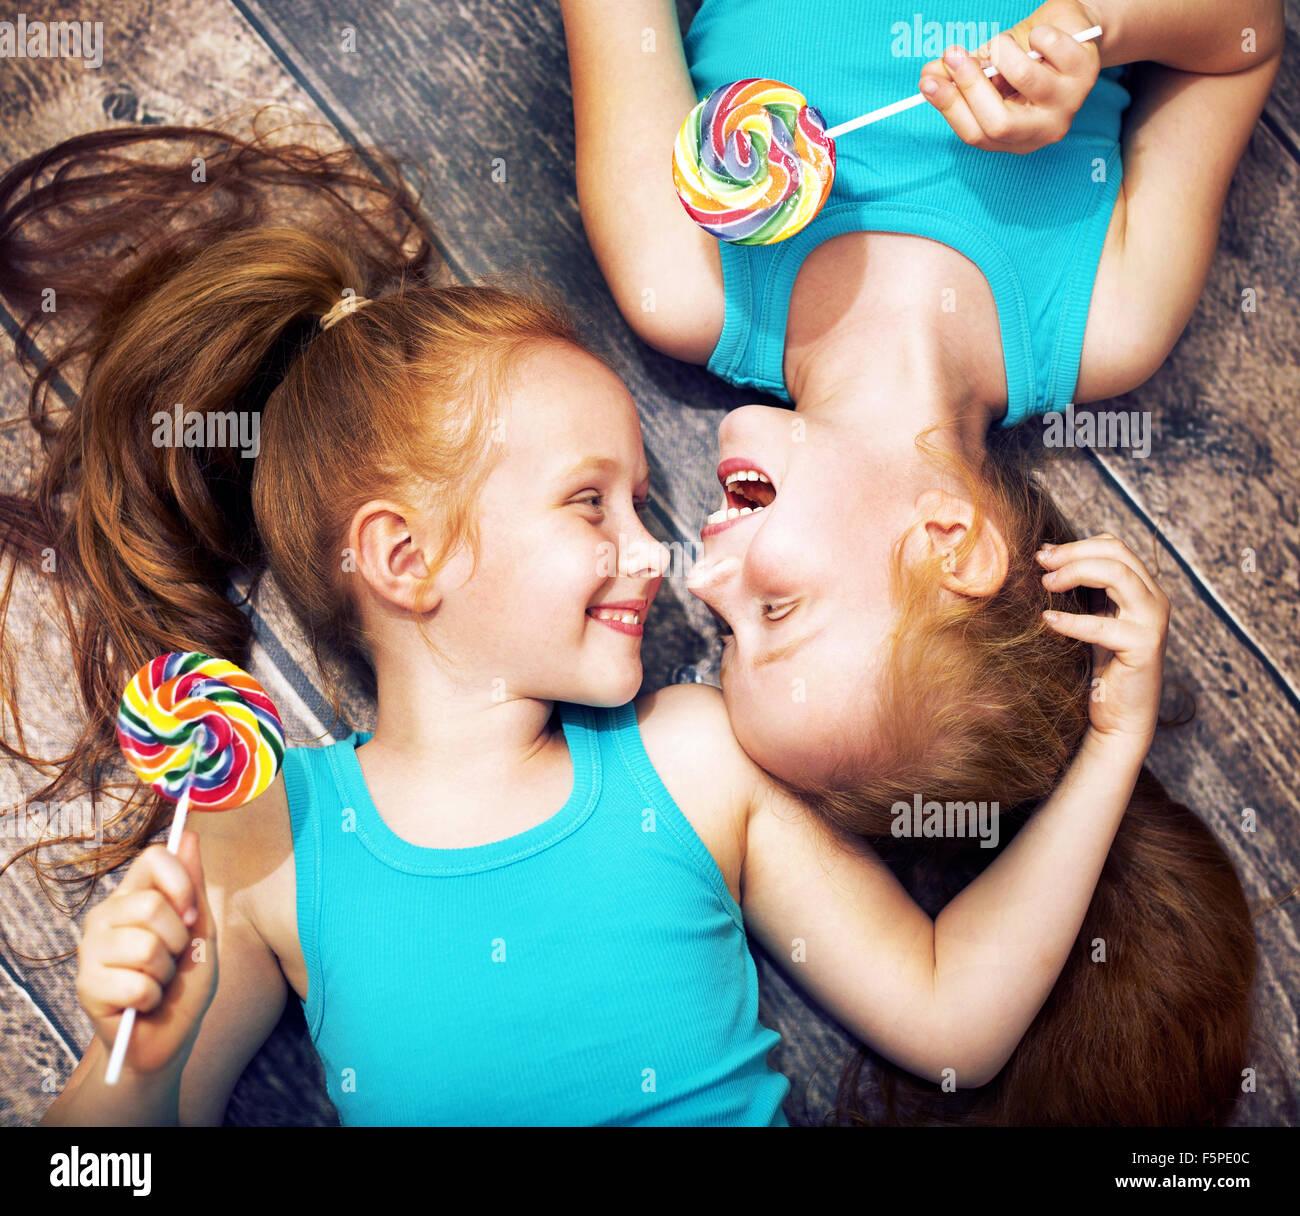 Un bello retrato de hermanas gemelas celebración colorida lollipops Imagen De Stock